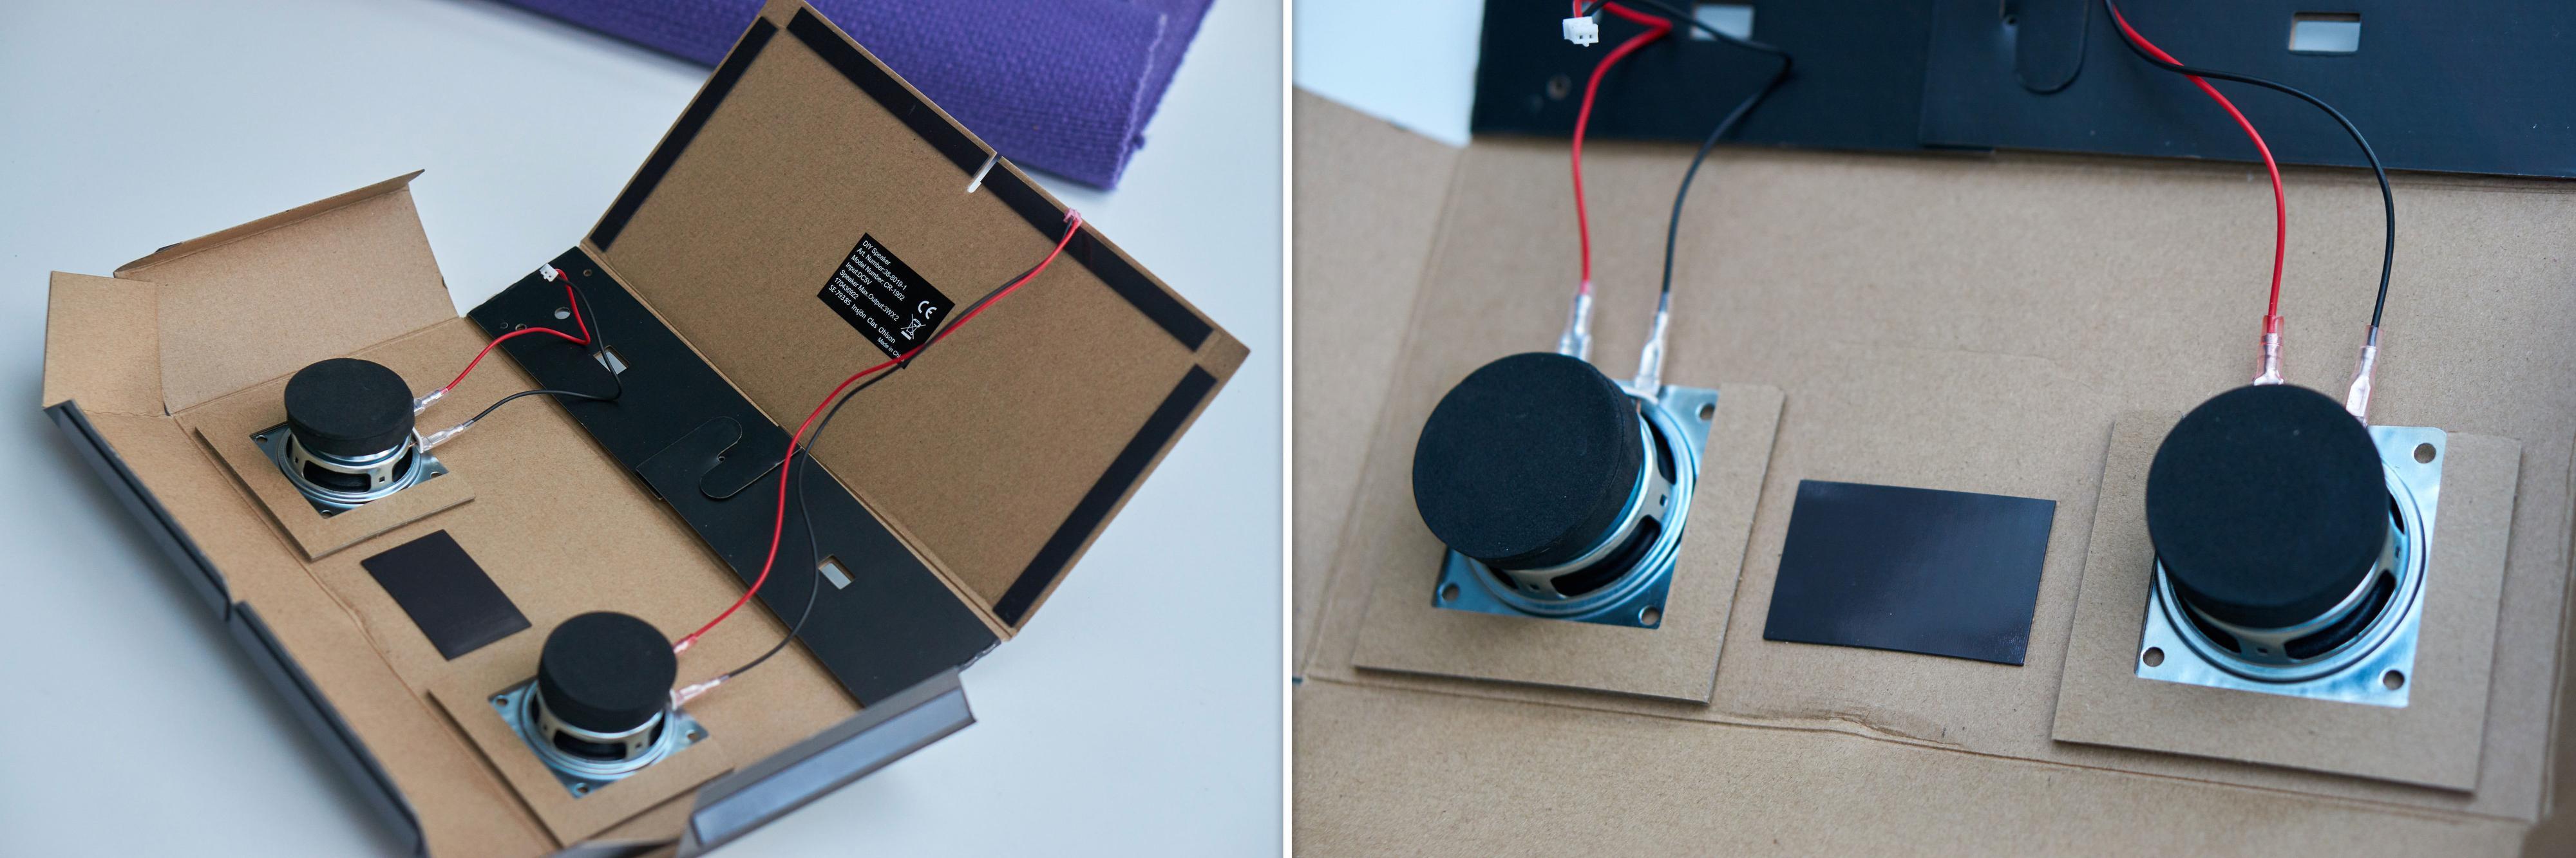 Det er forskjellig lengde på ledningene; pass på at de korte sitter i elementet til venstre.